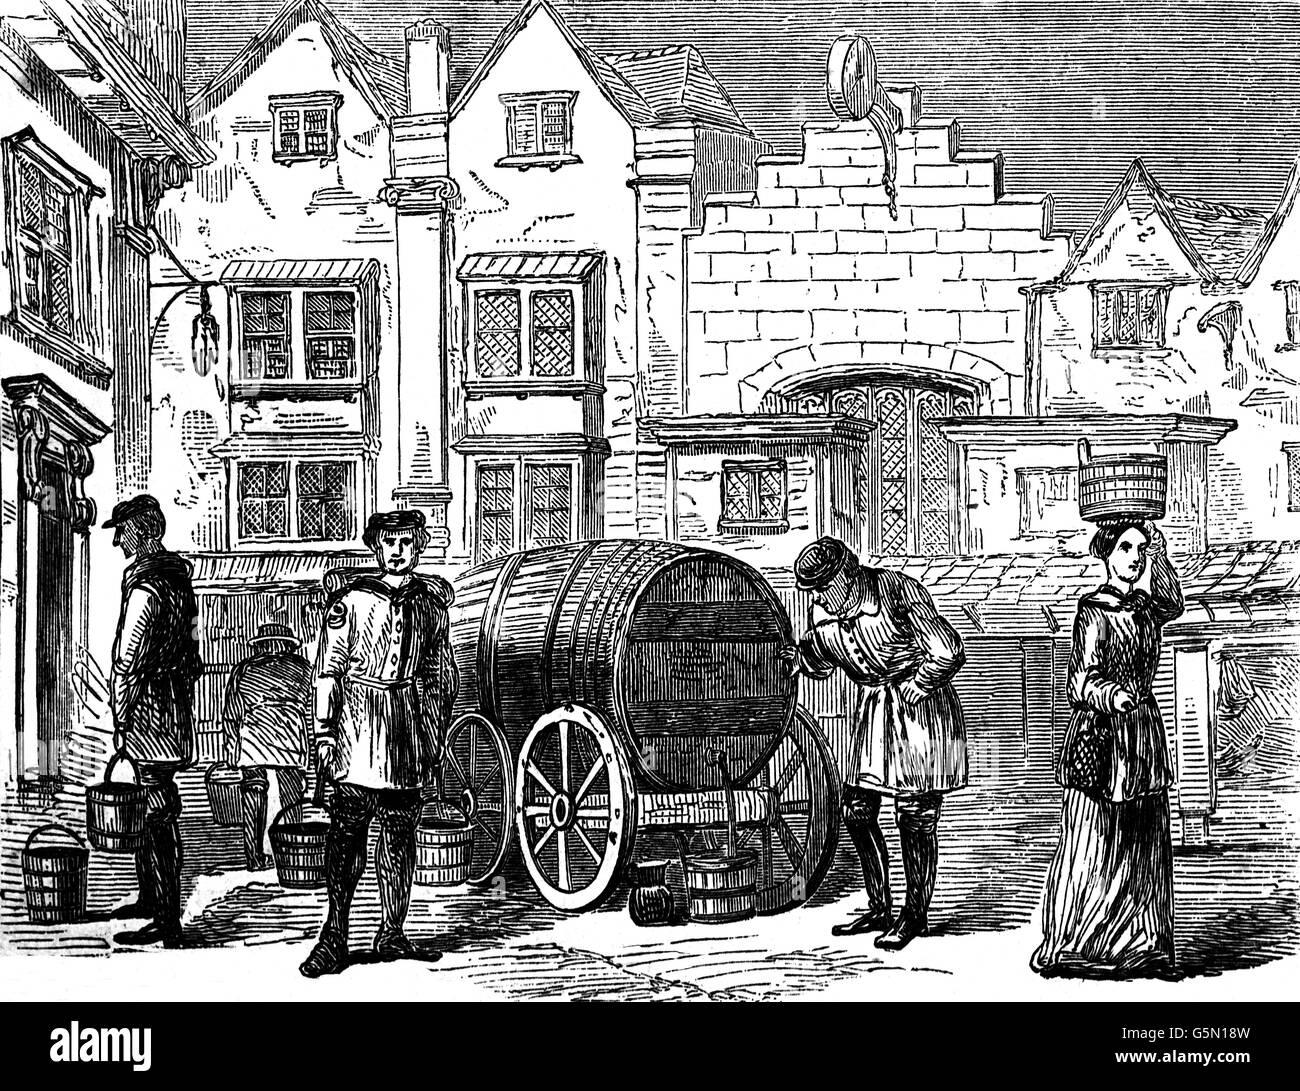 Old London porteurs d'eau au 17ème siècle. Photo Stock